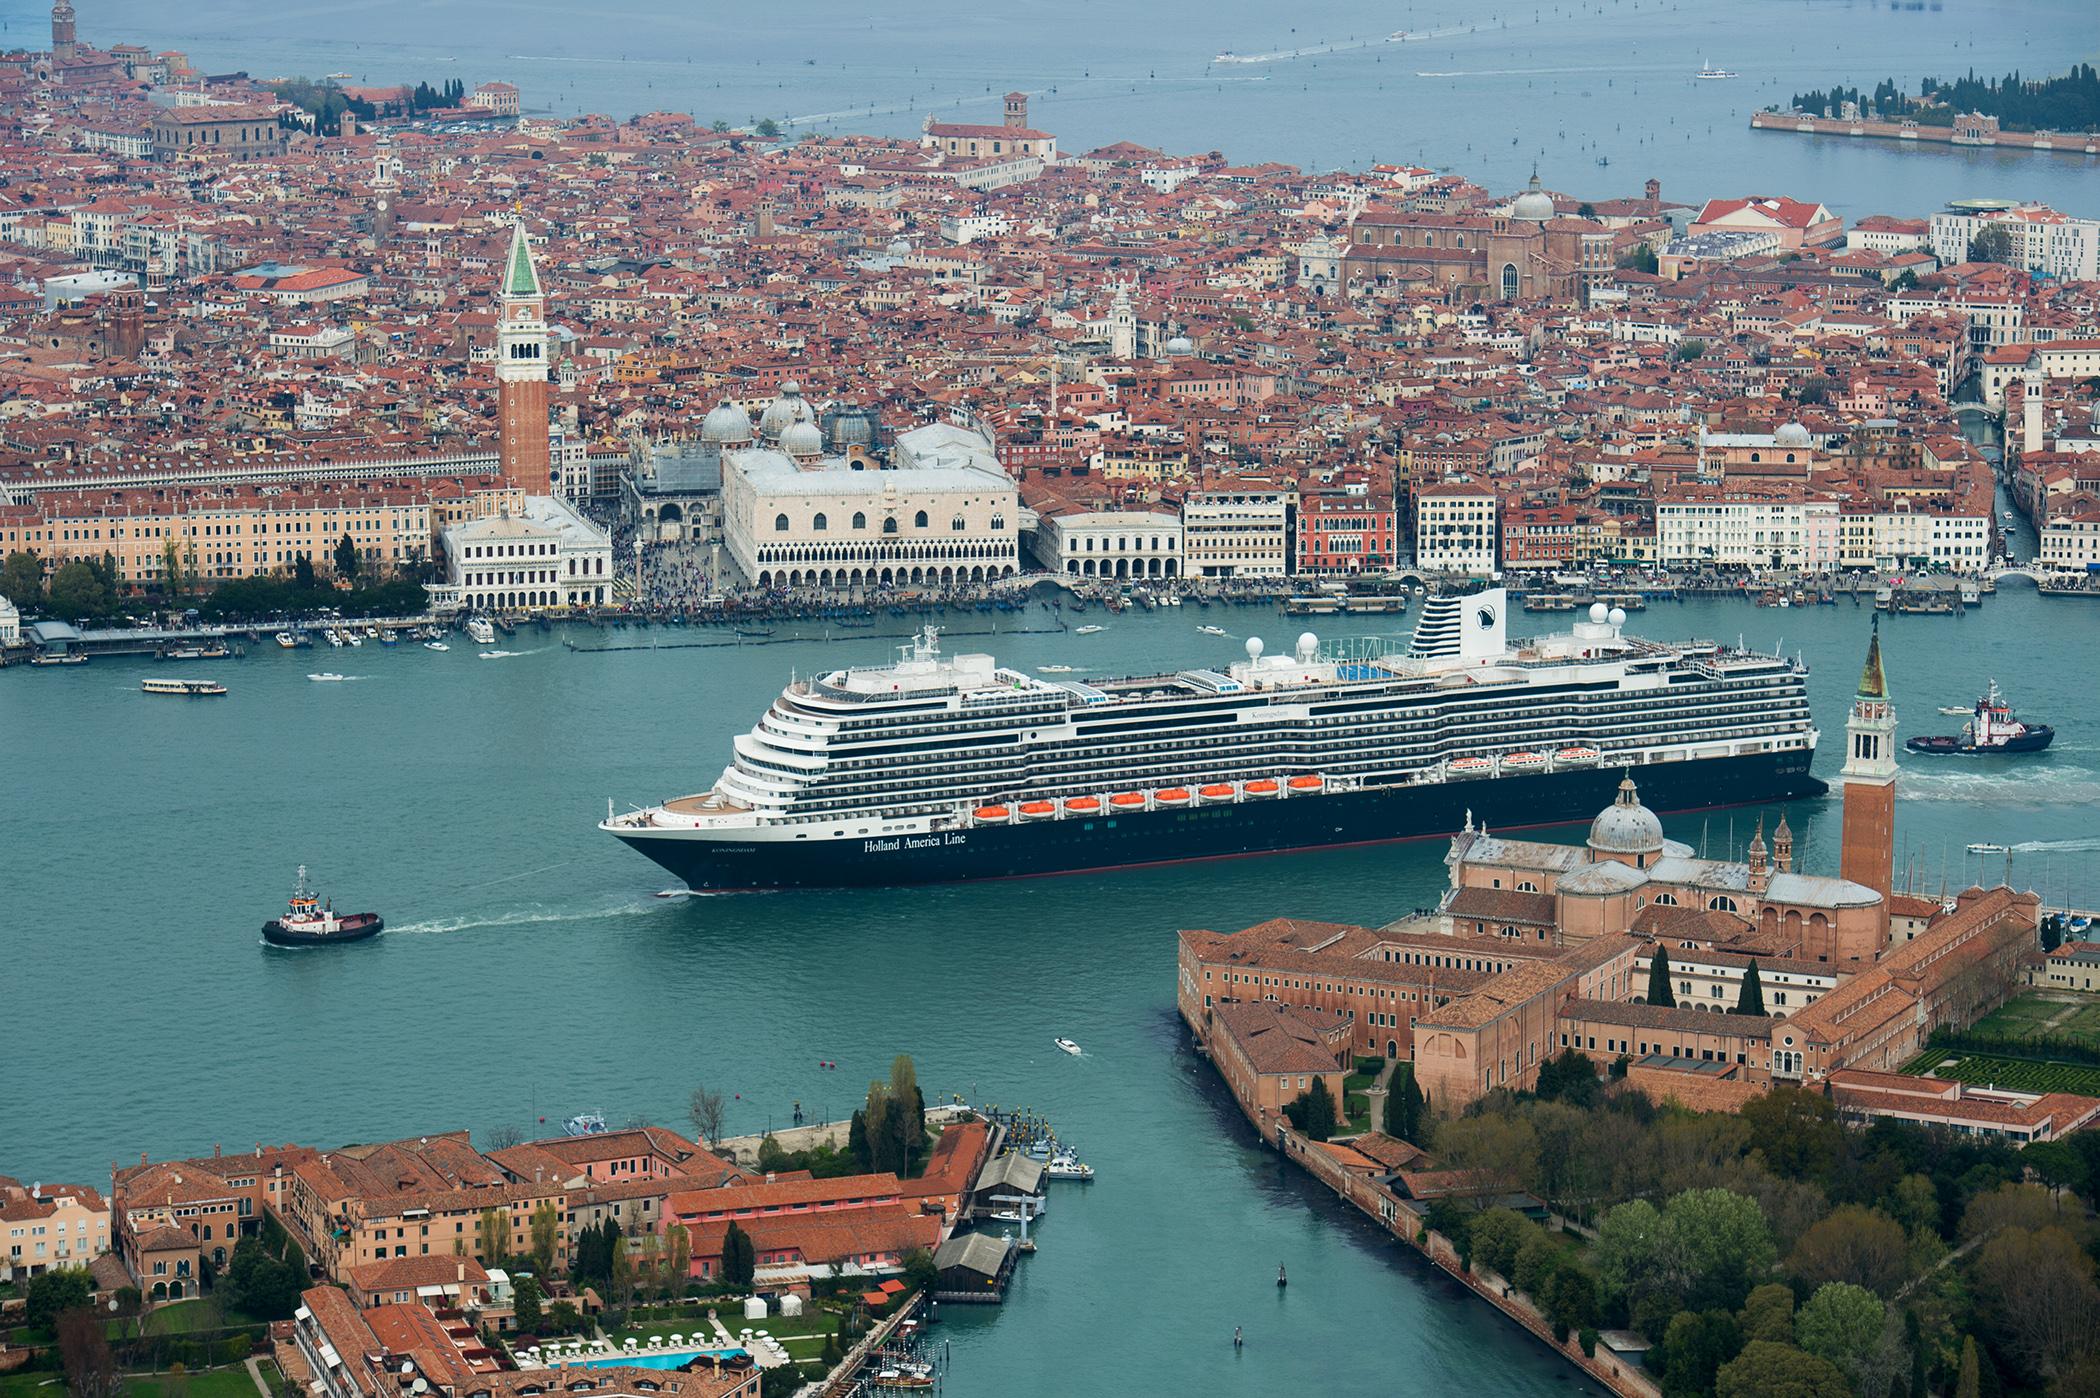 Krydstogtkoncernen Carnival har fået en tiltrængt milliardinvestering fra Saudi Arabien. Et af koncernens varemærker er Holland America Line, her er af dets skibe, Koningsdam, på besøg i Venedig. Arkivpressefoto Carnival Corporation.